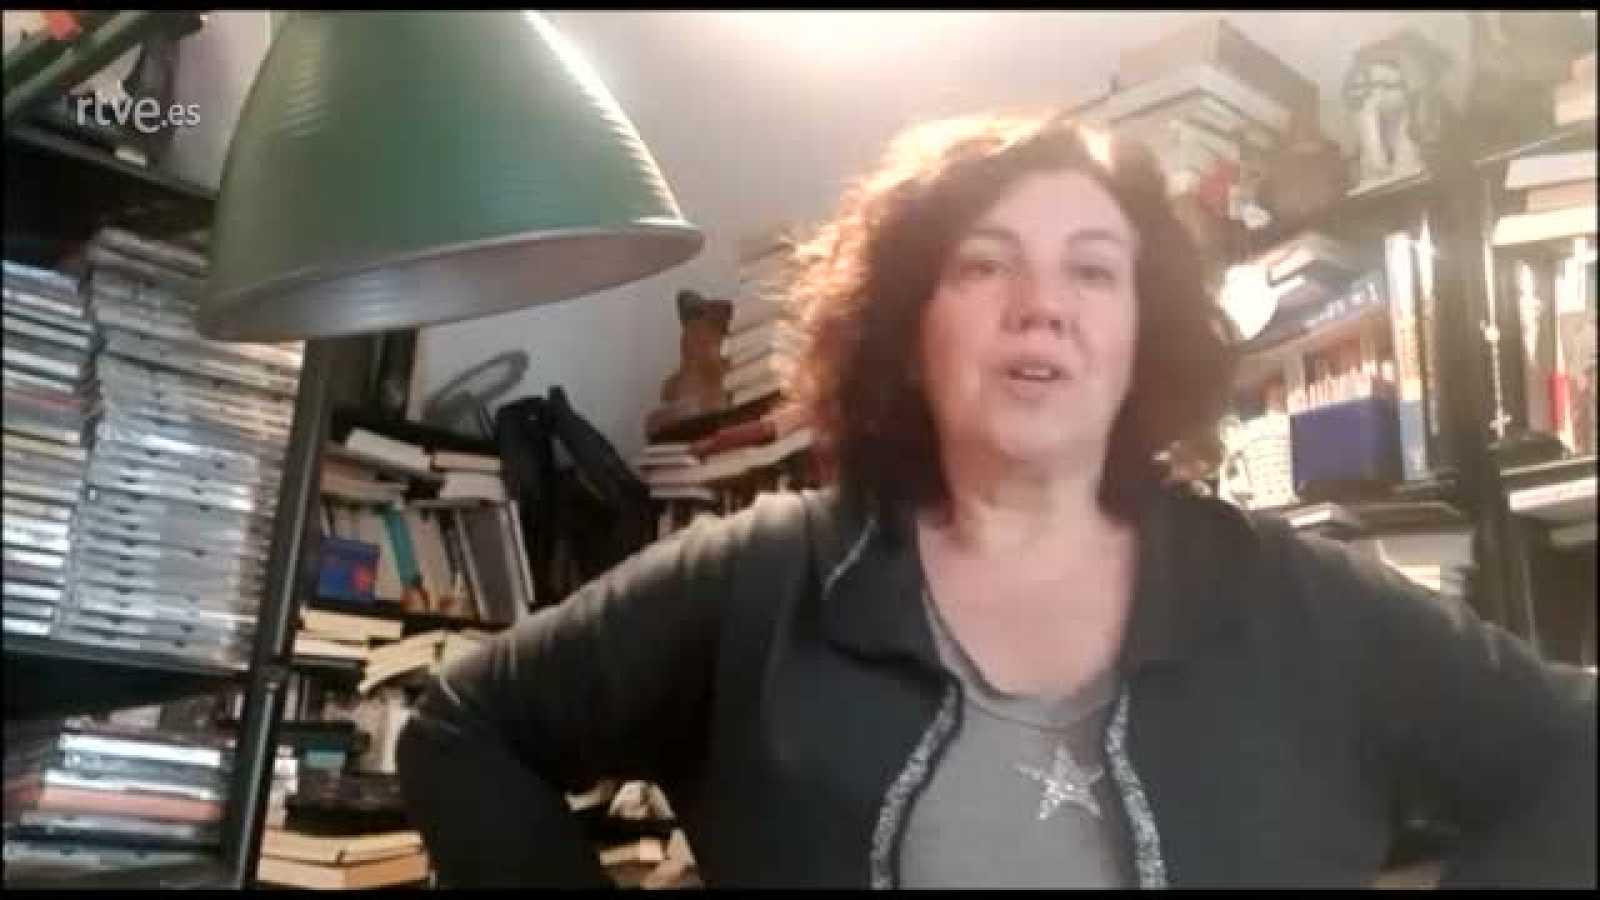 Conchita Casasnovas, de 'Va de cine' (Radio 4) nos comenta lo que están haciendo durante el confinamiento